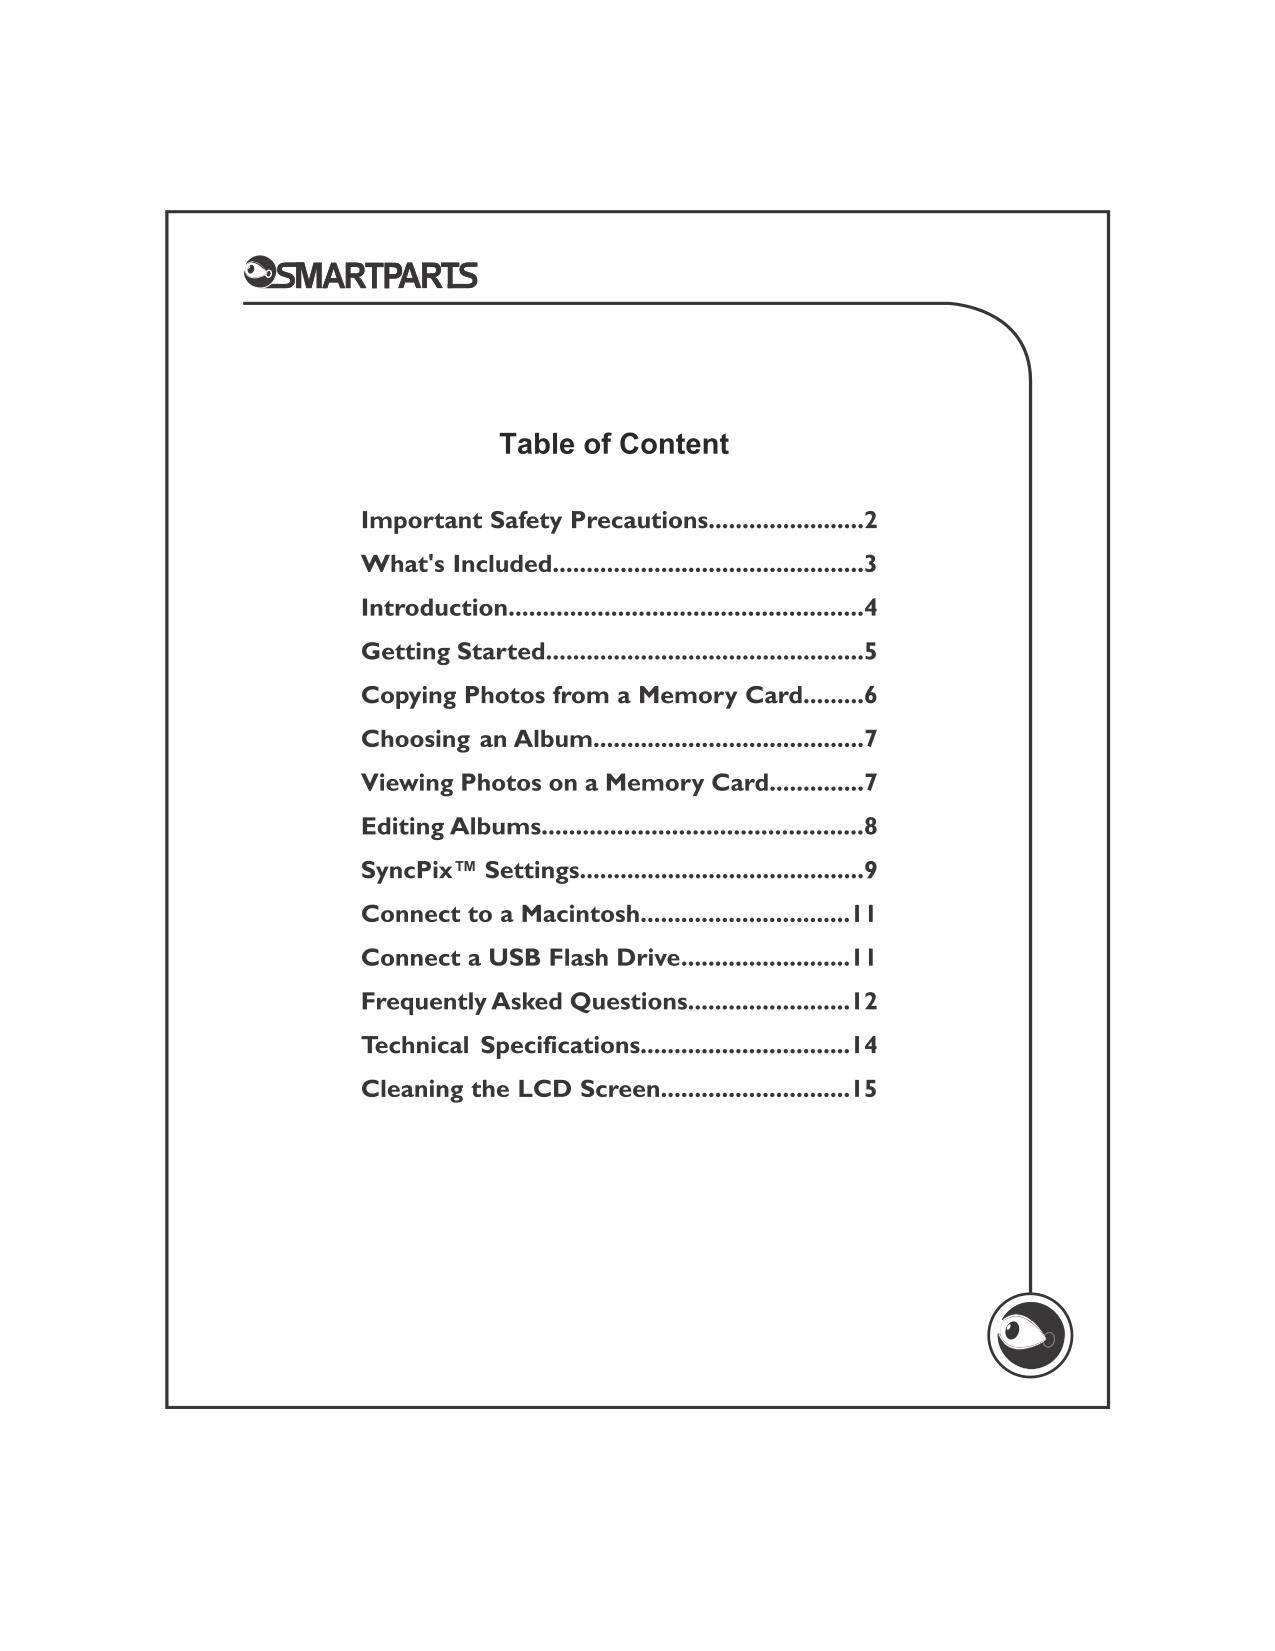 Smartparts Digital Picture Frame Manual - Page 5 - Frame Design ...